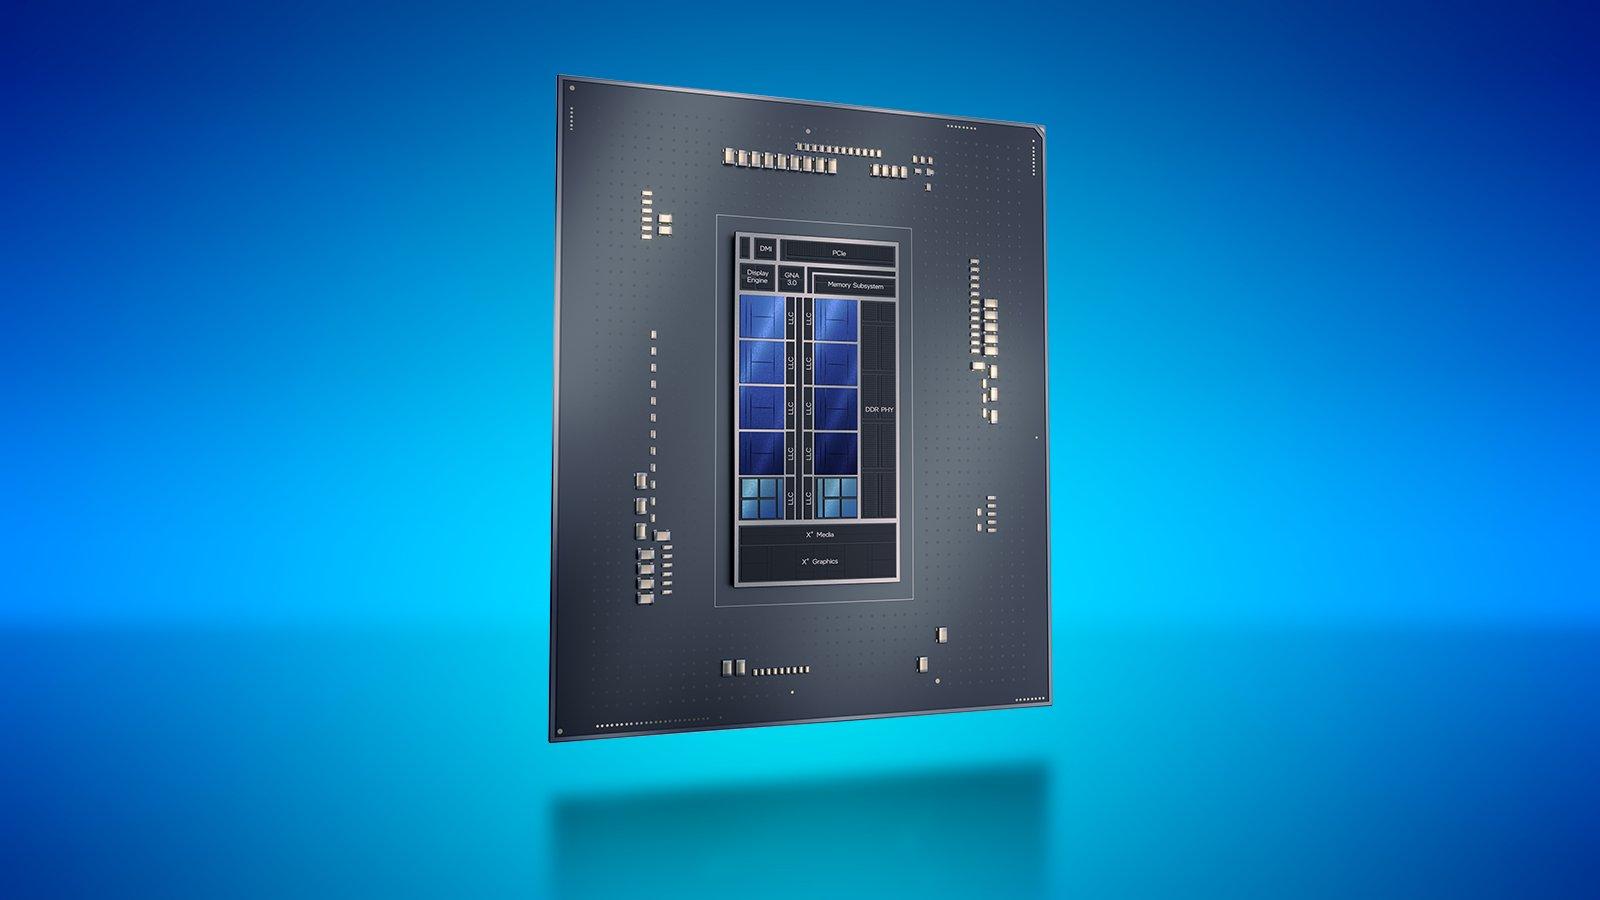 Intel Core i5-12400 Alder Lake Budget Desktop CPU Dengan 6 Core Lebih Cepat Dari AMD Ryzen 5 5600X Dalam Benchmark Bocor